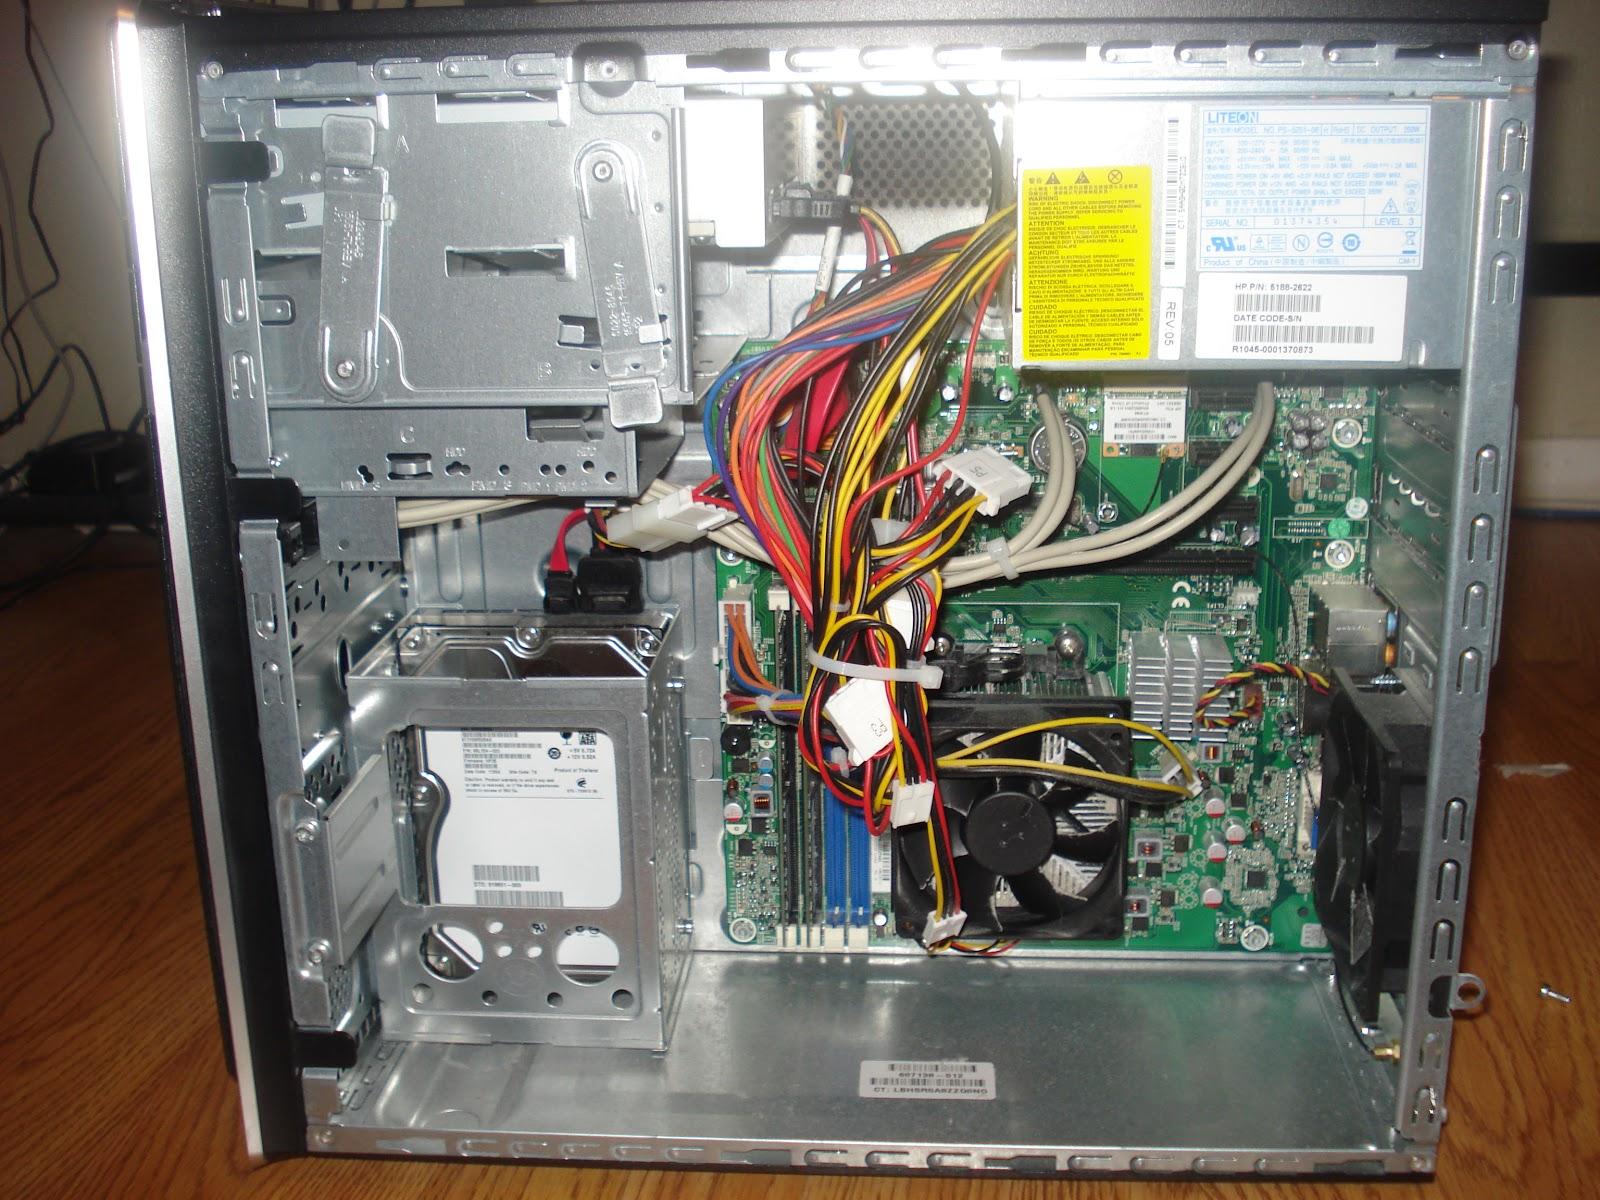 HP Pavilion Slimline s5-1260 PC - g-ecx.images-amazon.com